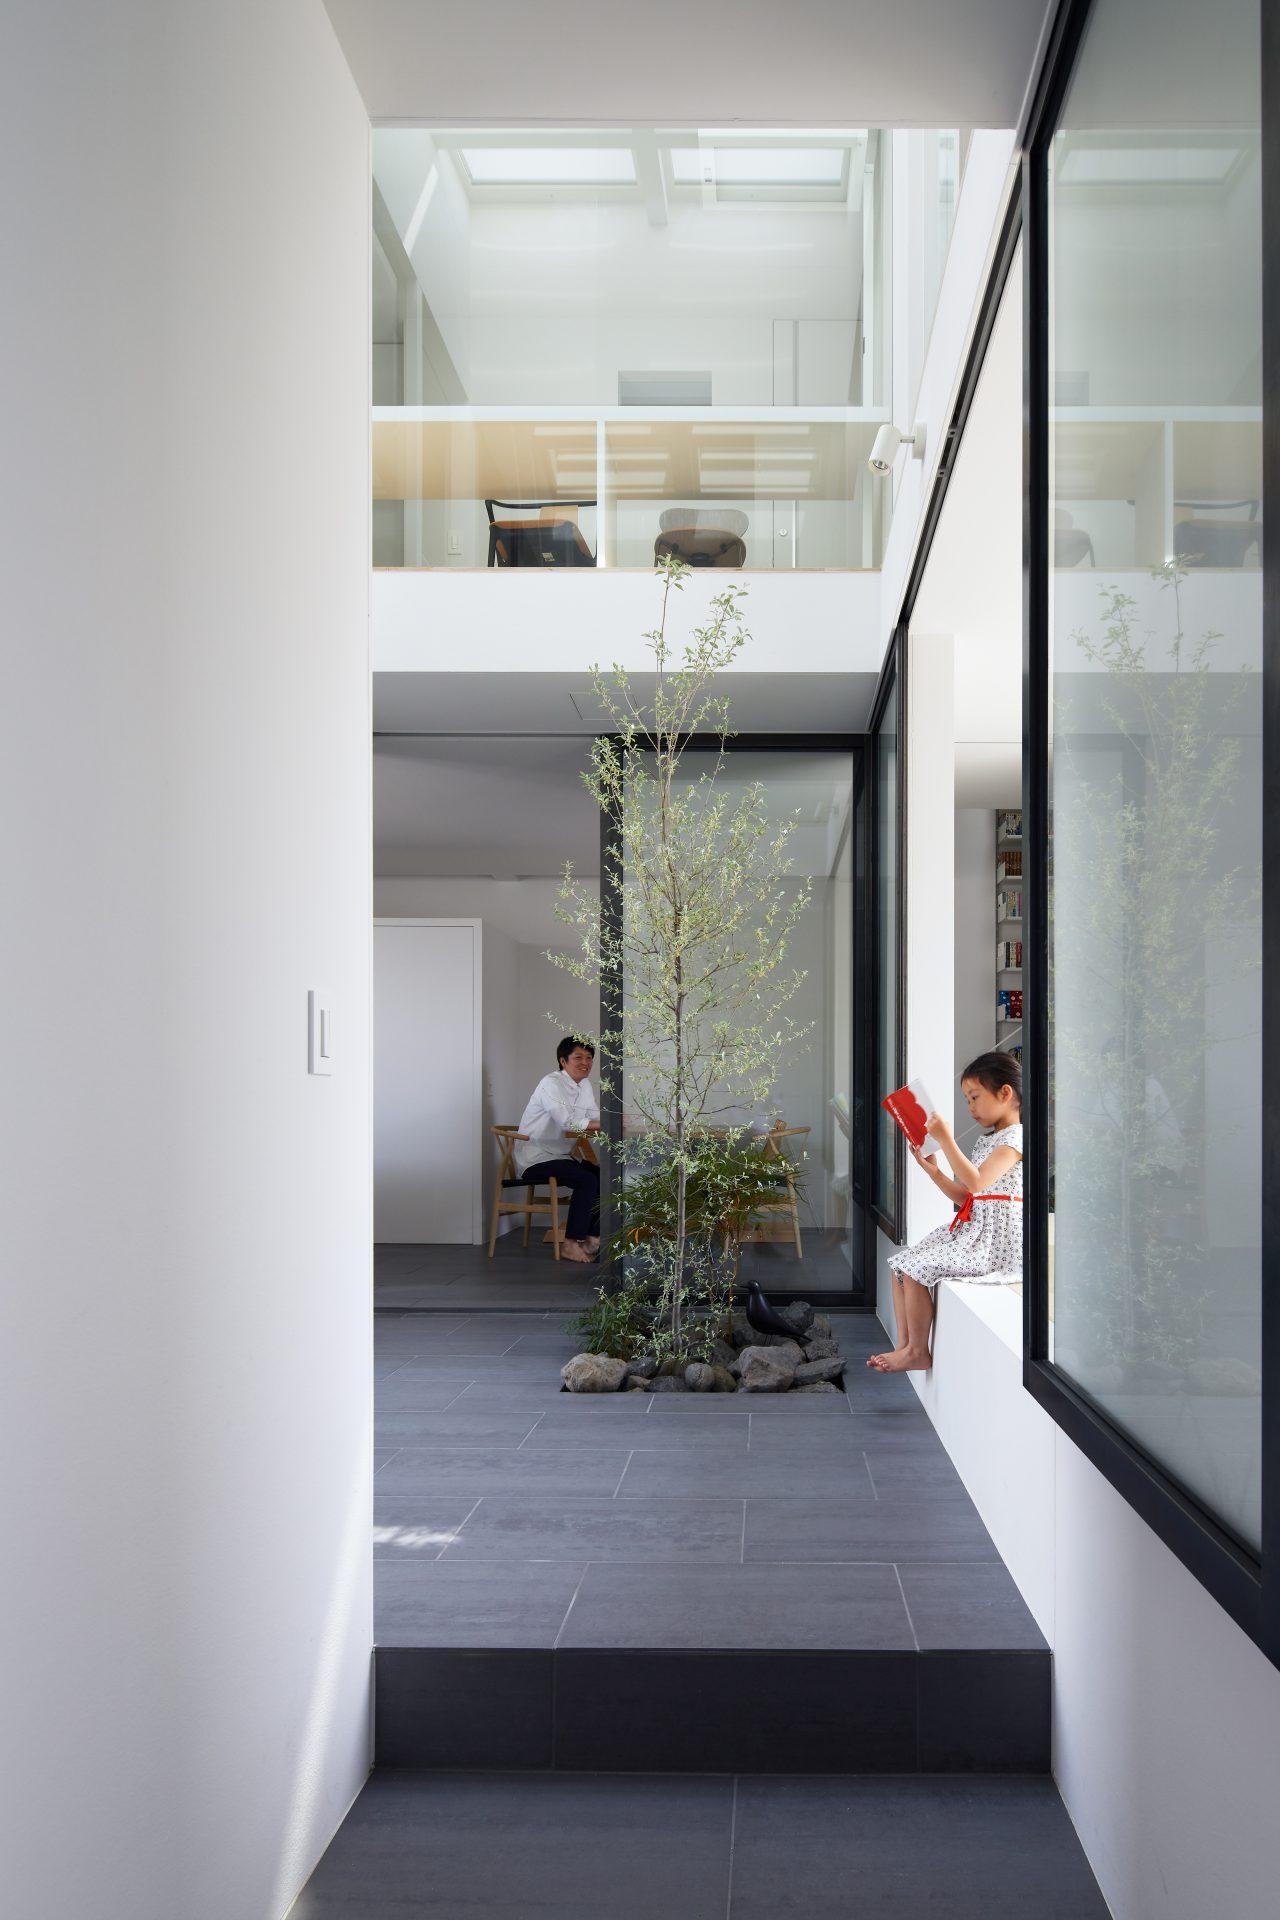 兵庫甲陽園サンルームのある家のサンルーム01